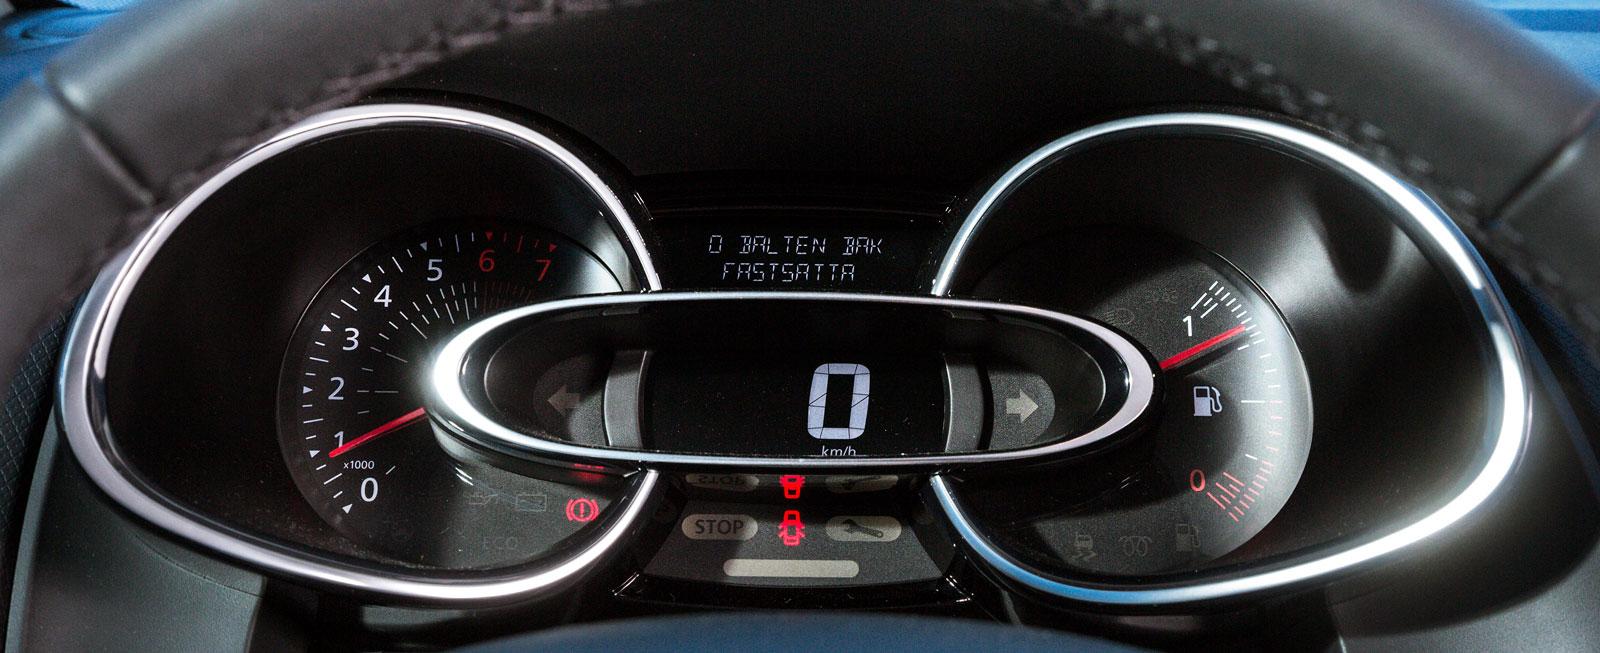 Renaults instrumenthus är närmast överdesignat och blir rent jobbigt att titta på i längden. Digital hastighetsmätare, jättestor tankmätare.